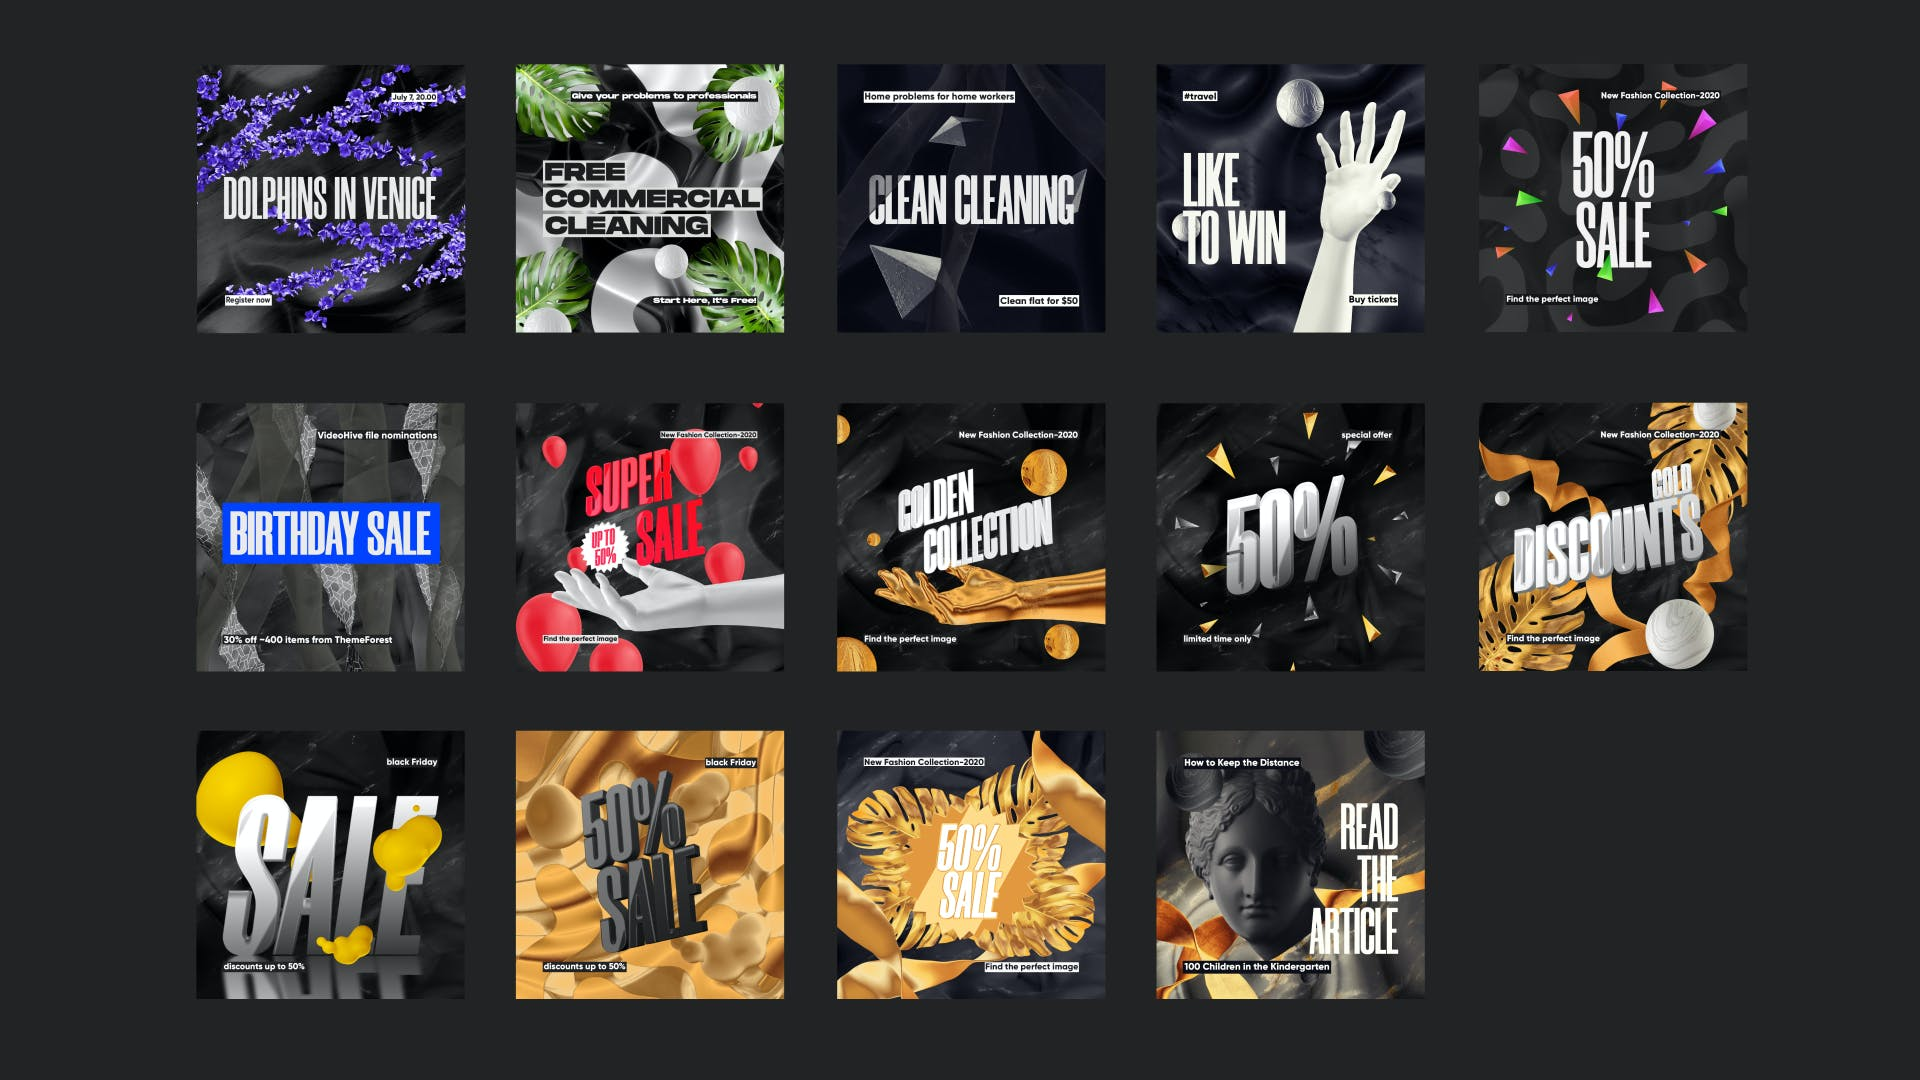 黑色高端品牌推广新媒体电商海报设计PSD模板 Sale Promotion Social Media Kit插图(1)